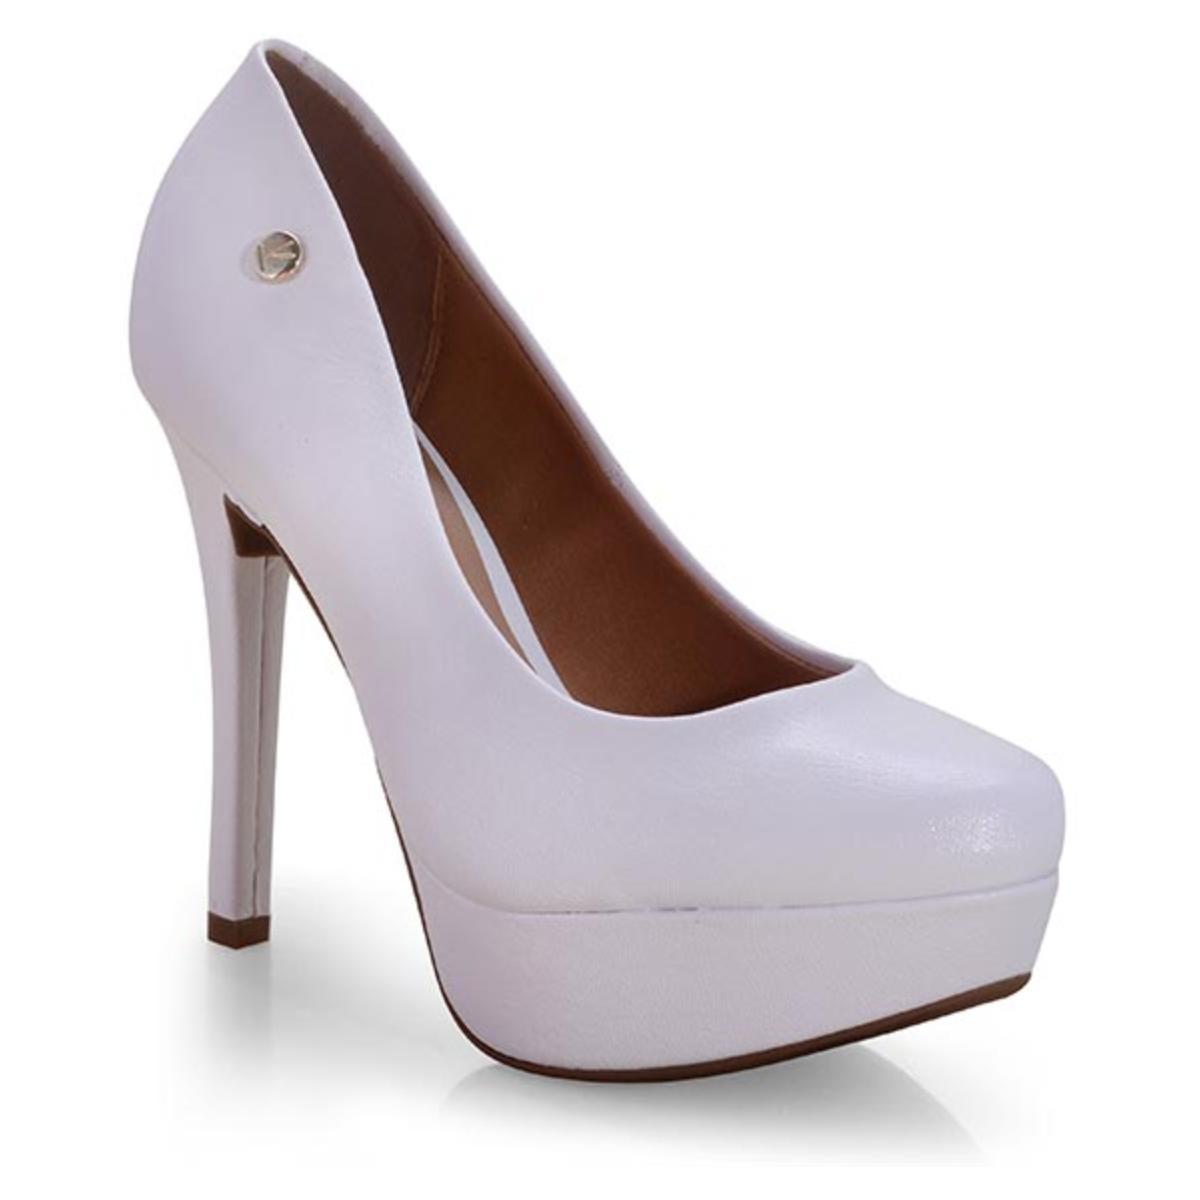 Sapato Feminino Vizzano 1830401 Branco